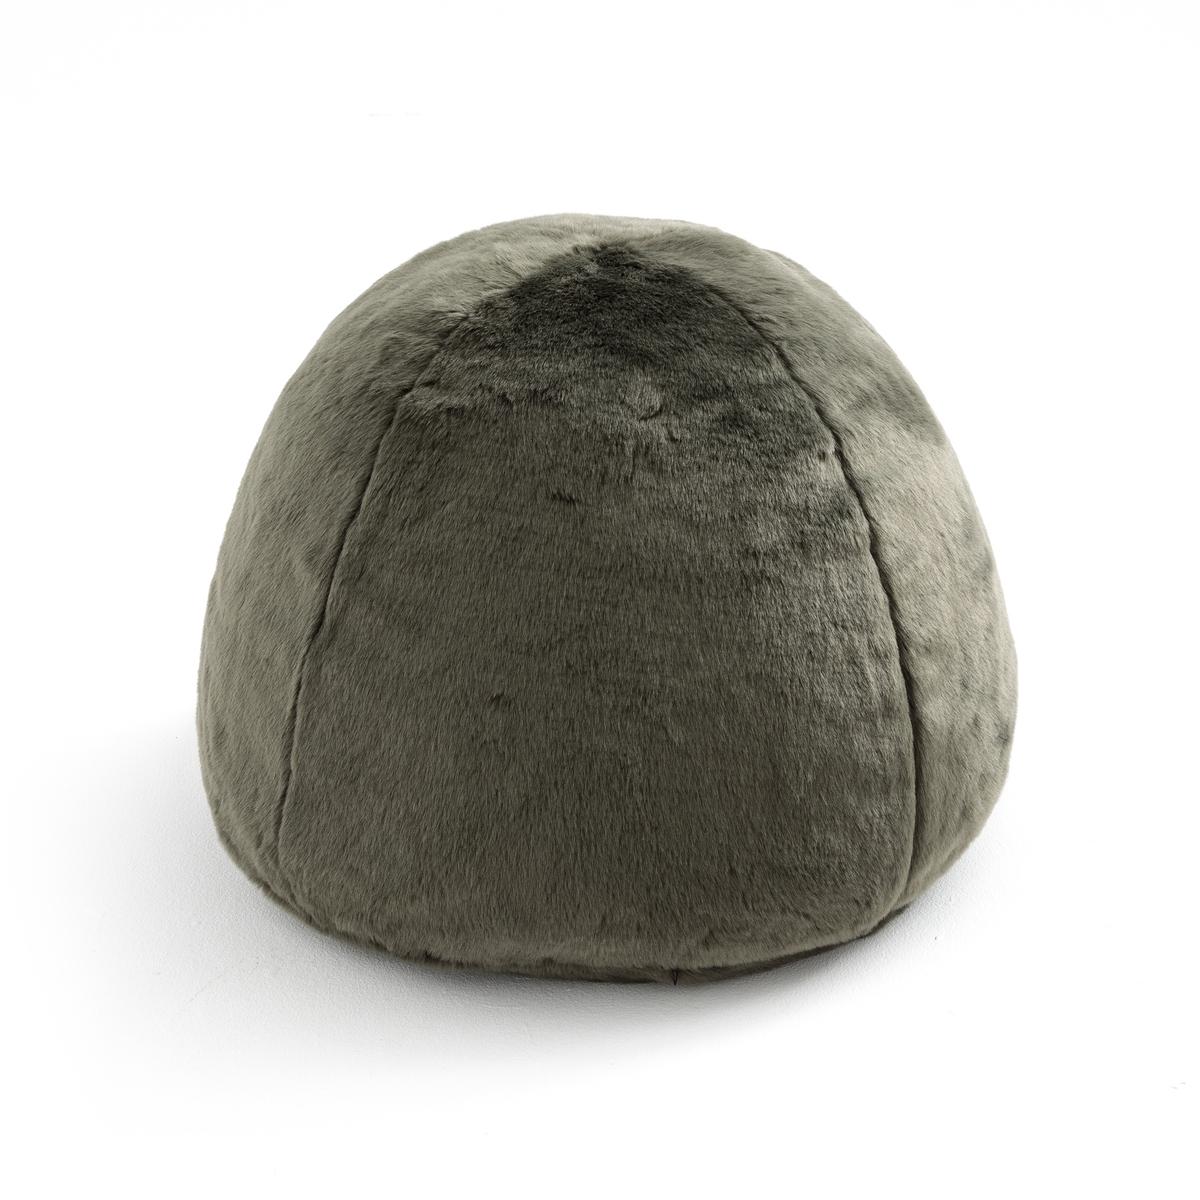 Пуф меховой KANPURМягкий и объемный меховой пуф согреет и добавит уюта в ваш интерьер . Характеристики пуфа Kanpur :Меховая обивка 76% акрила, 24% полиэстера.Наполнитель из 100% полистирола.Съемный чехол с застежкой на молнию можно стирать.Размеры : В40 x ?50 см.Всю коллекцию KANPUR Вы найдете на laredoute.ru<br><br>Цвет: бежевый,хаки,черный<br>Размер: единый размер.единый размер